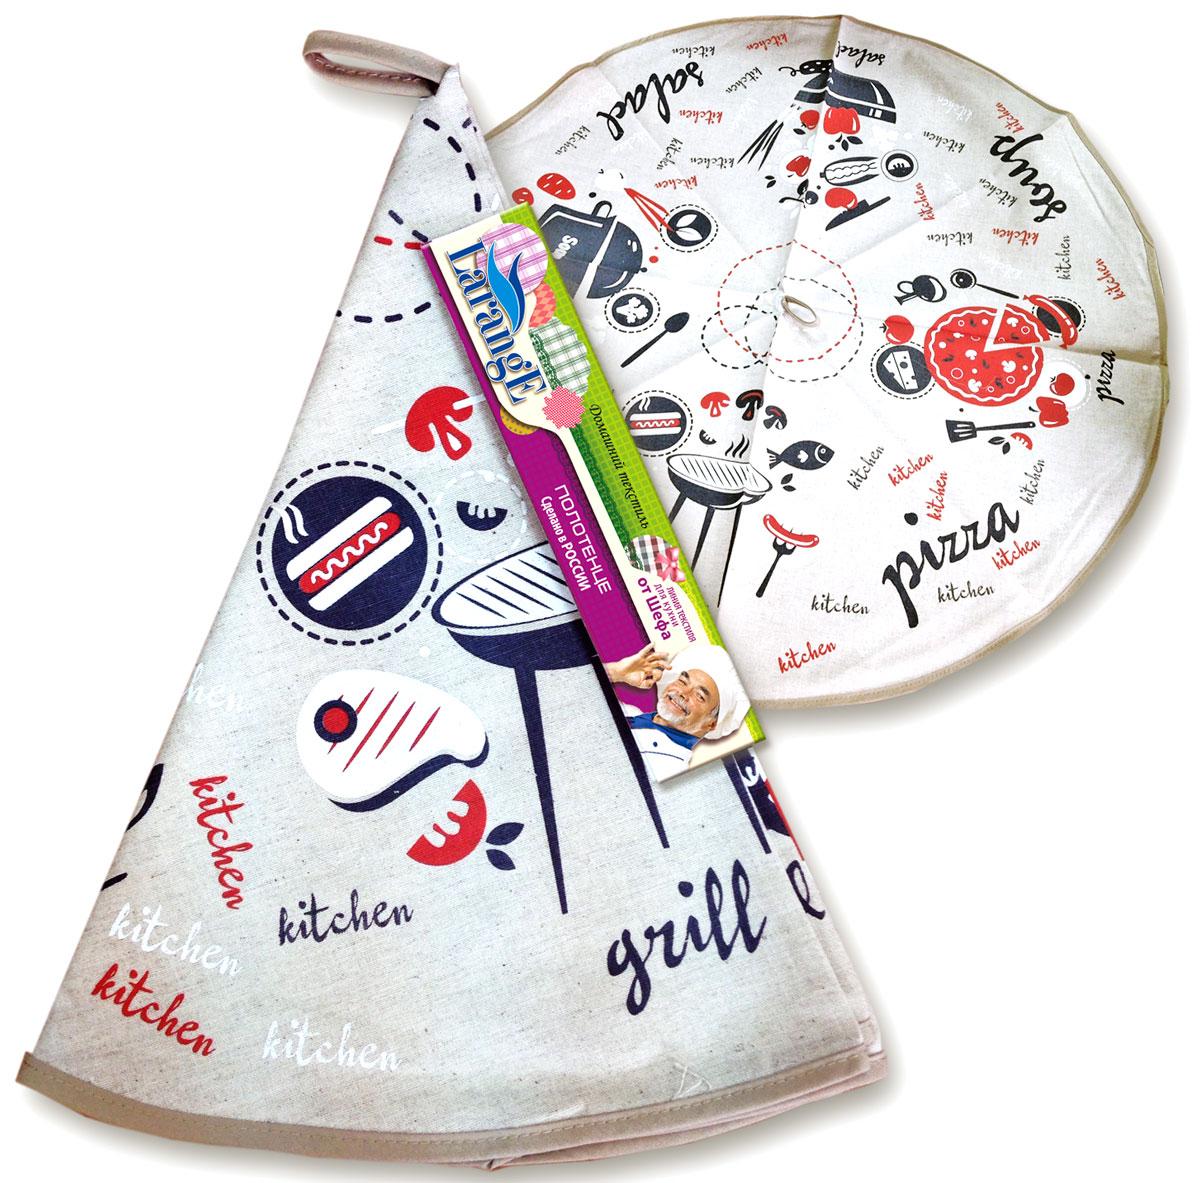 Полотенце От Шефа, круглое, диаметр: 70 см, полулен, шелкография627-004Кухонный текстиль всегда выполняет двойную миссию — декоративную и практичную. Фартуки, полотенца, практичные комплекты из нескольких элементов с декором и прихватки -полезные и красивые кухонные аксессуары необходимые каждой хозяйке. Домашний текстиль из натурального льна — не просто следование модной тенденции к естественности. Лен — это действительно одно из самых ценных волокон растительного происхождения. Его уникальные свойства наделяют ткани ценными качествами. Льняная ткань — самая прочная и экологичная. Она практически не выгорает на прямом солнце, легко стирается и, при этом, не садится и не деформируется.